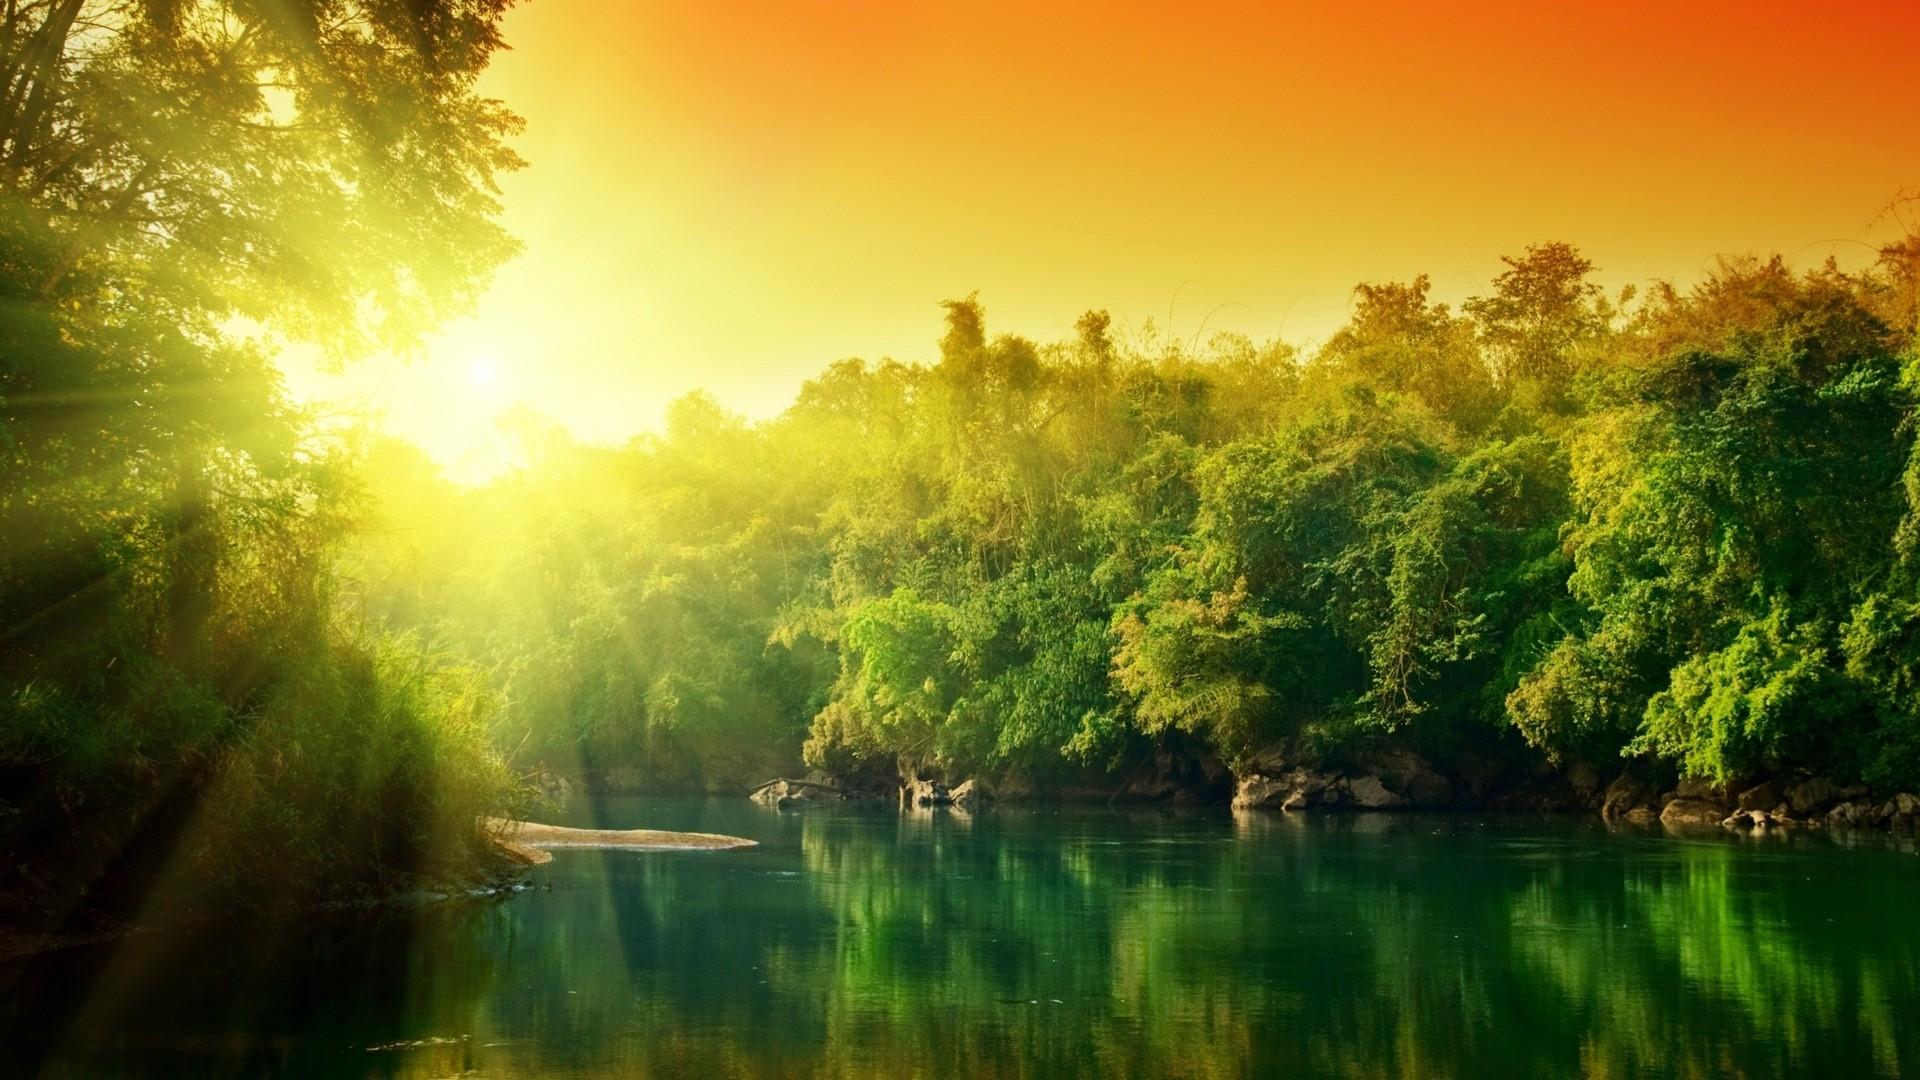 Thiên nhiên đa dạng và phong phú vô cùng, con người sẽ không thể nào khám phá hết vẻ đẹp của chúng.